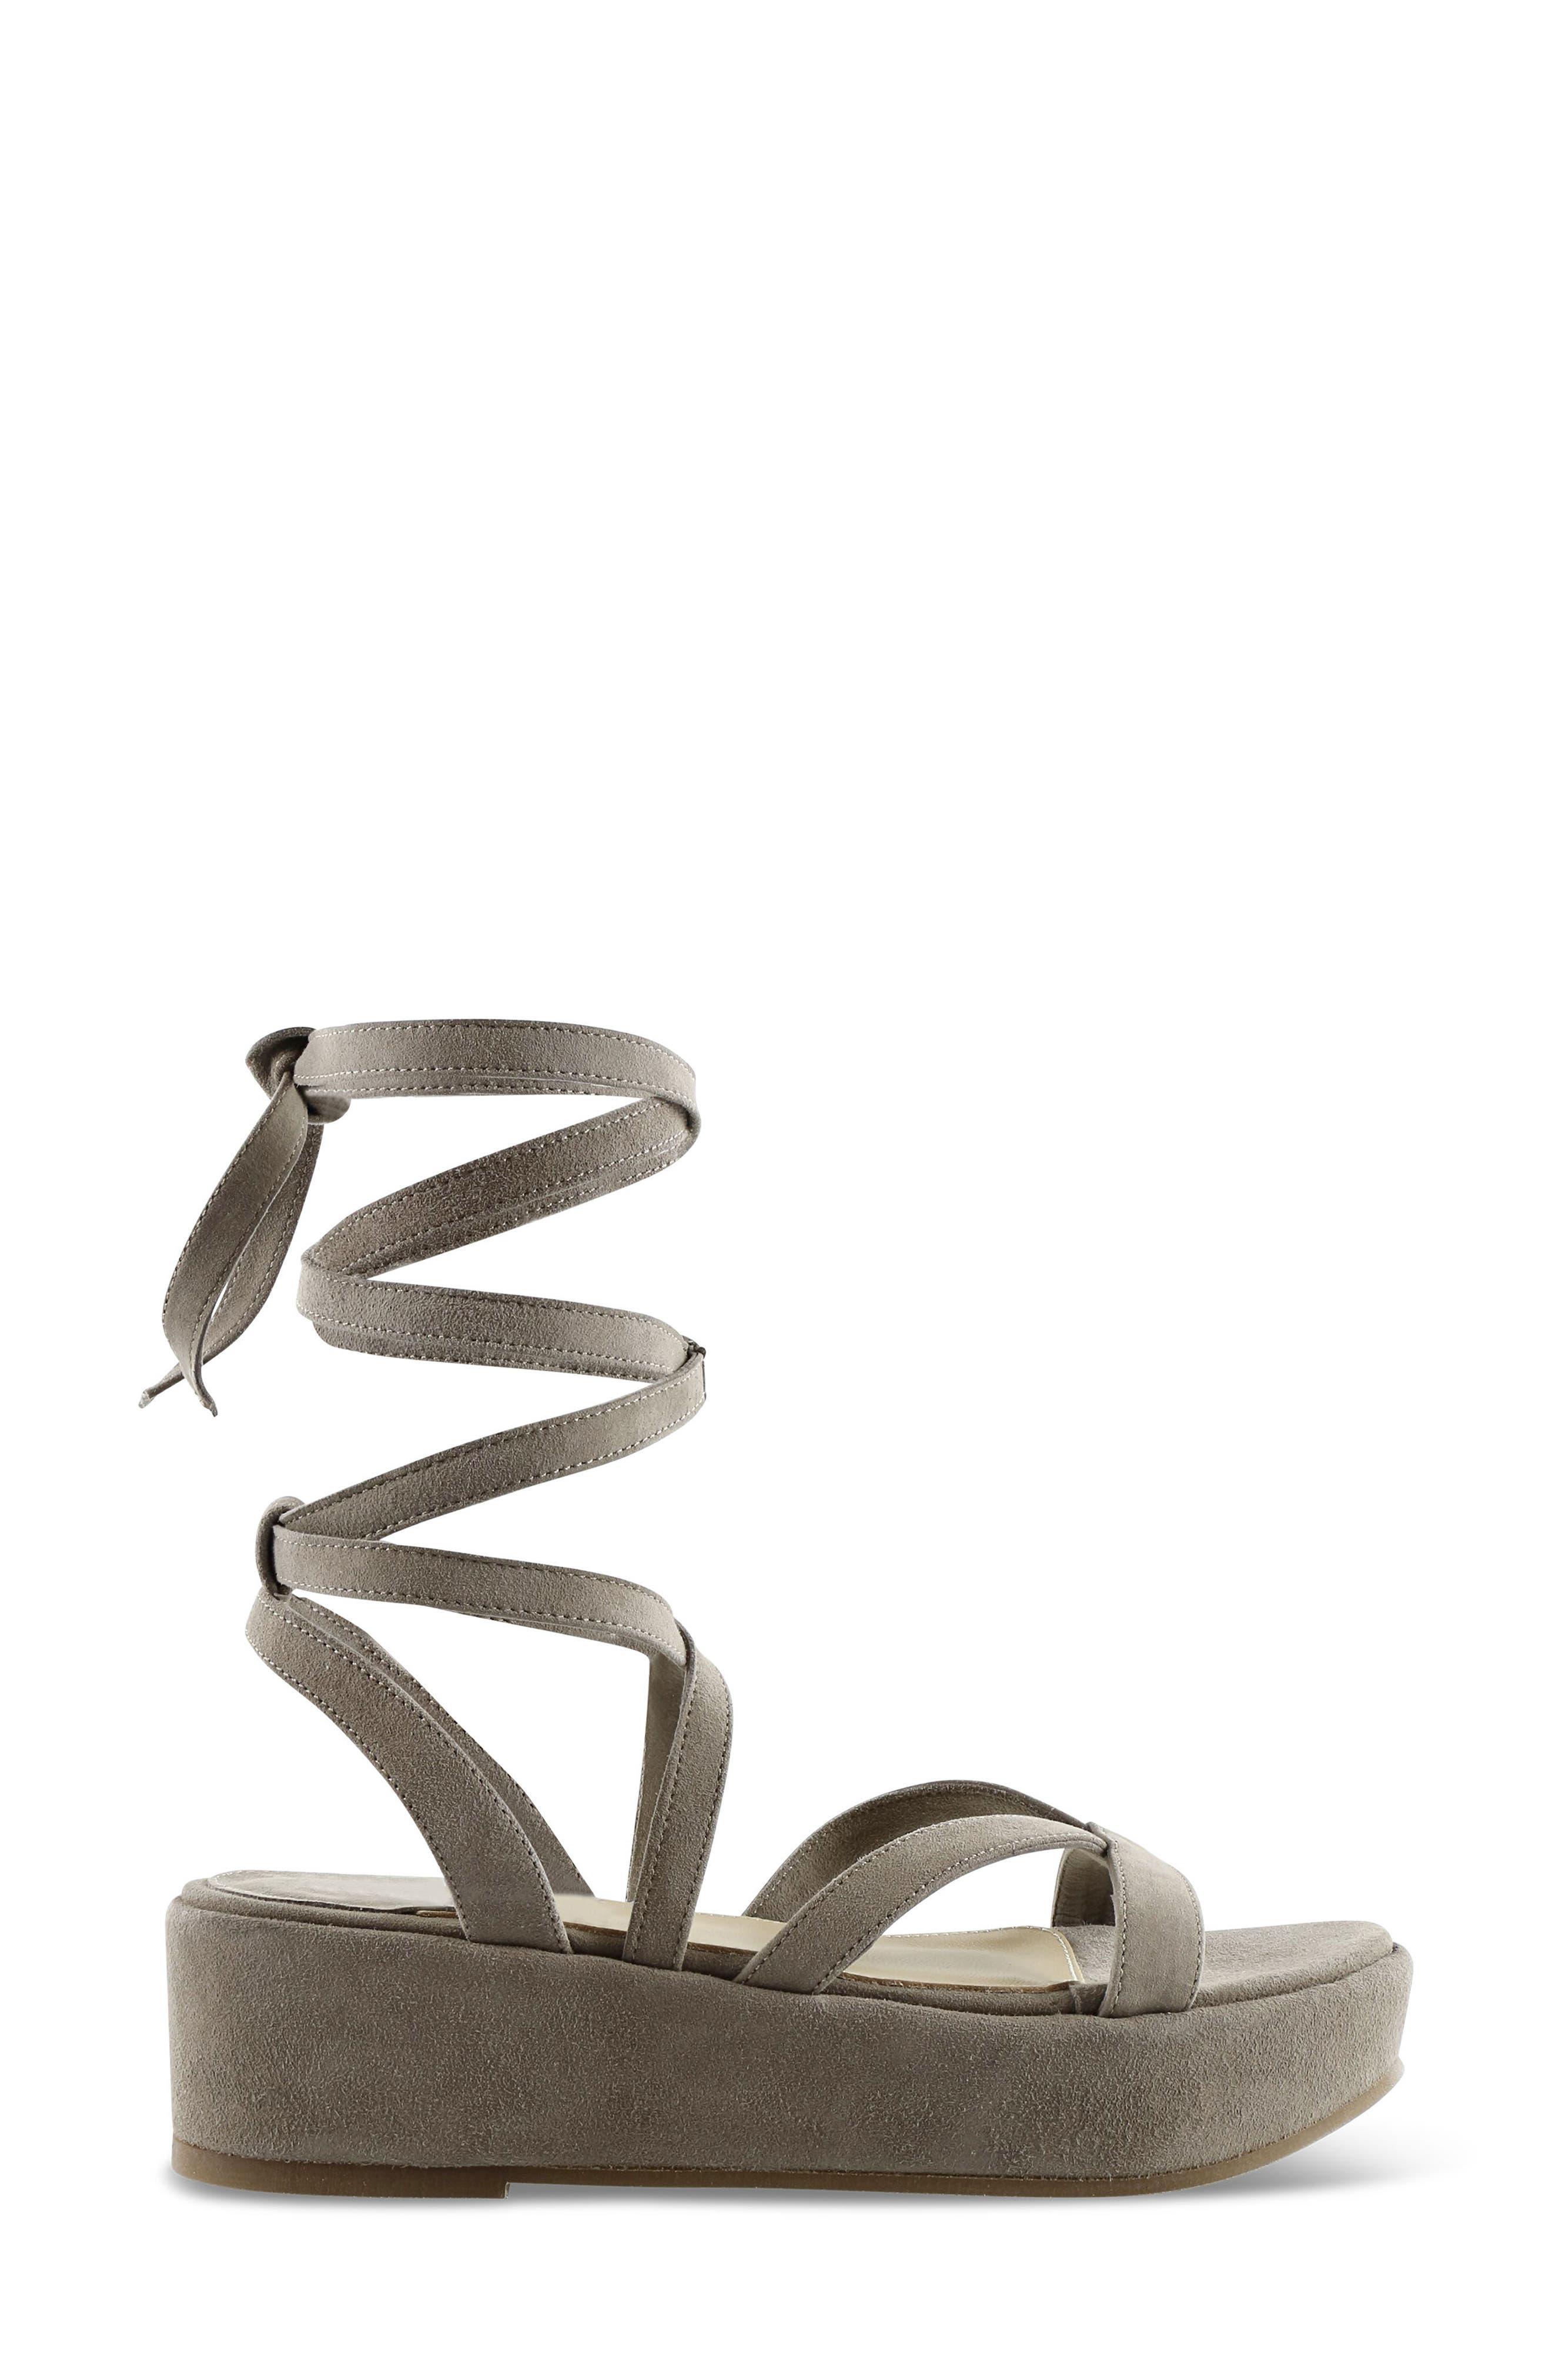 Keri Gladiator Platform Sandal,                             Alternate thumbnail 4, color,                             Camel Suede